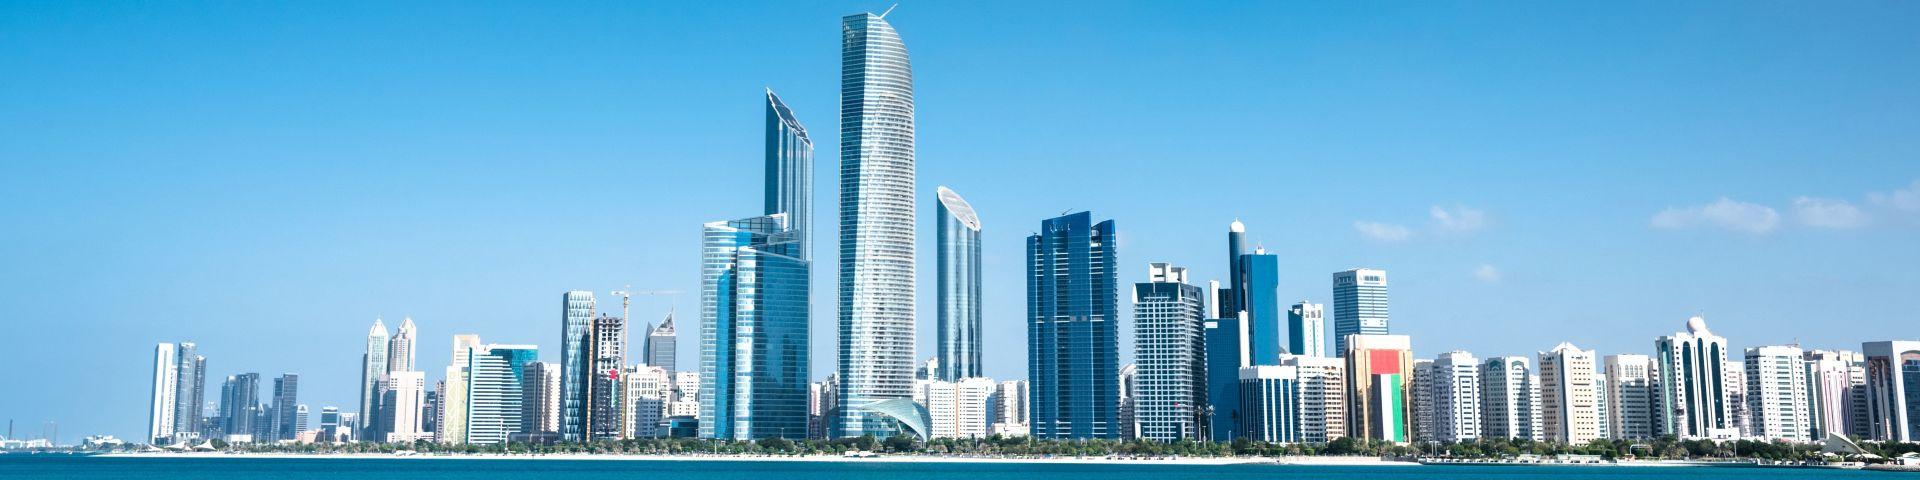 Abu Dhabi - Ihre außergewöhnliche Geschichte